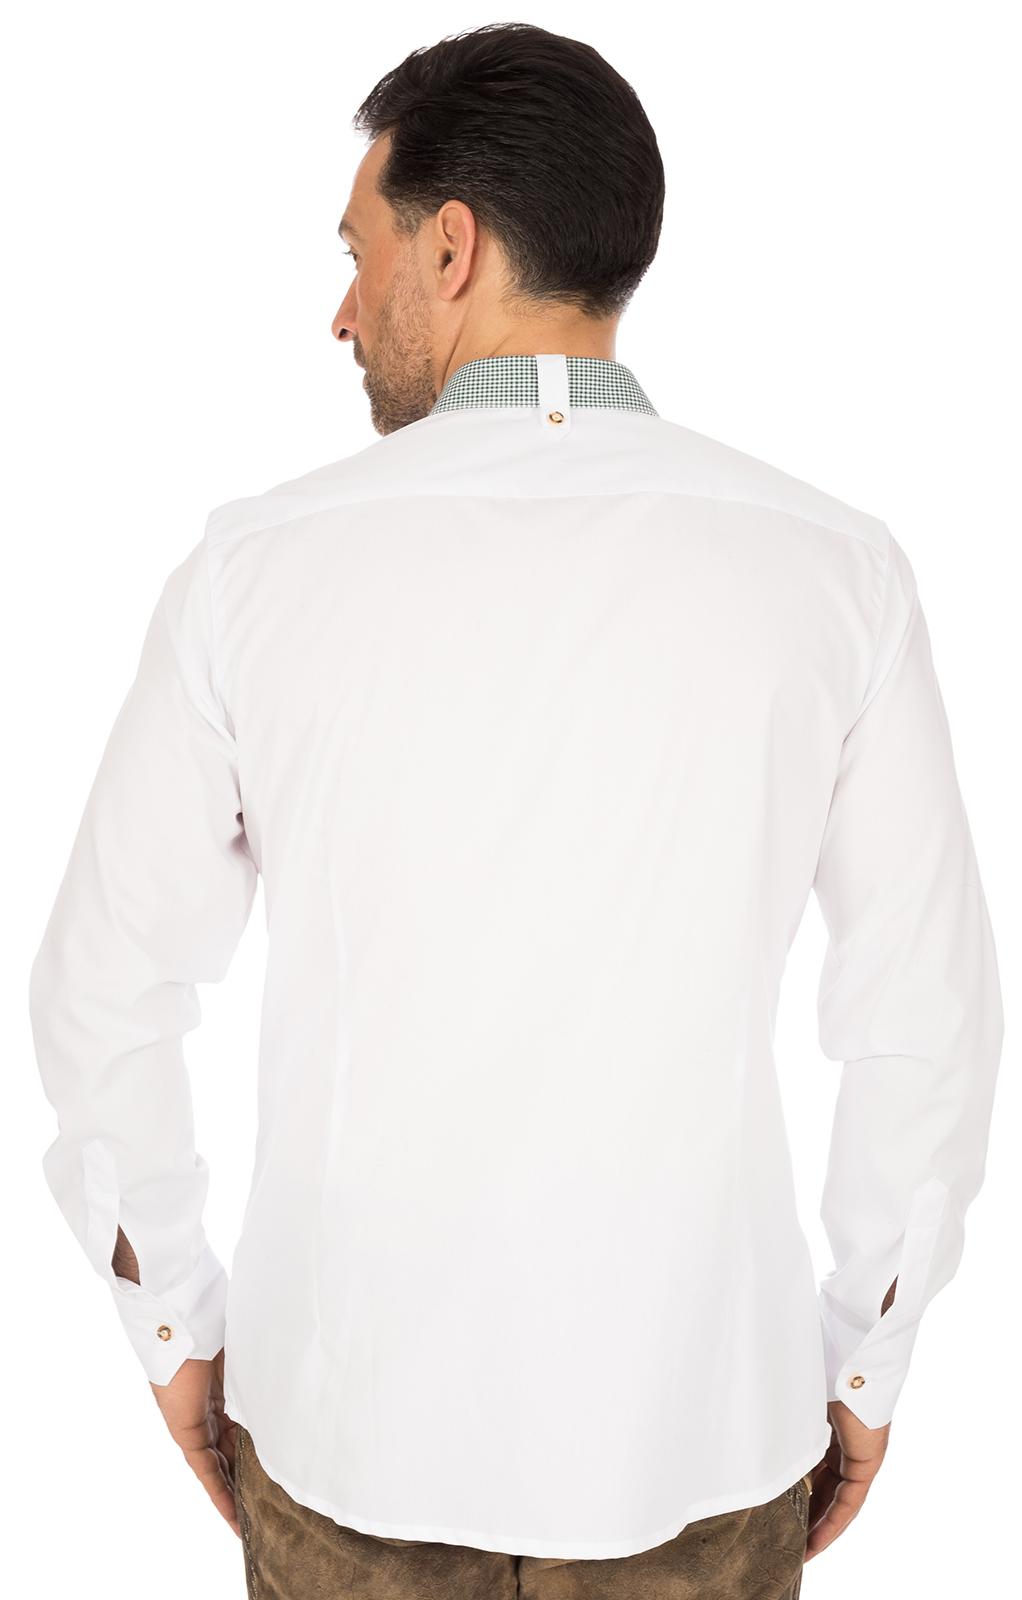 weitere Bilder von Trachtenhemd CLASSICO weiss